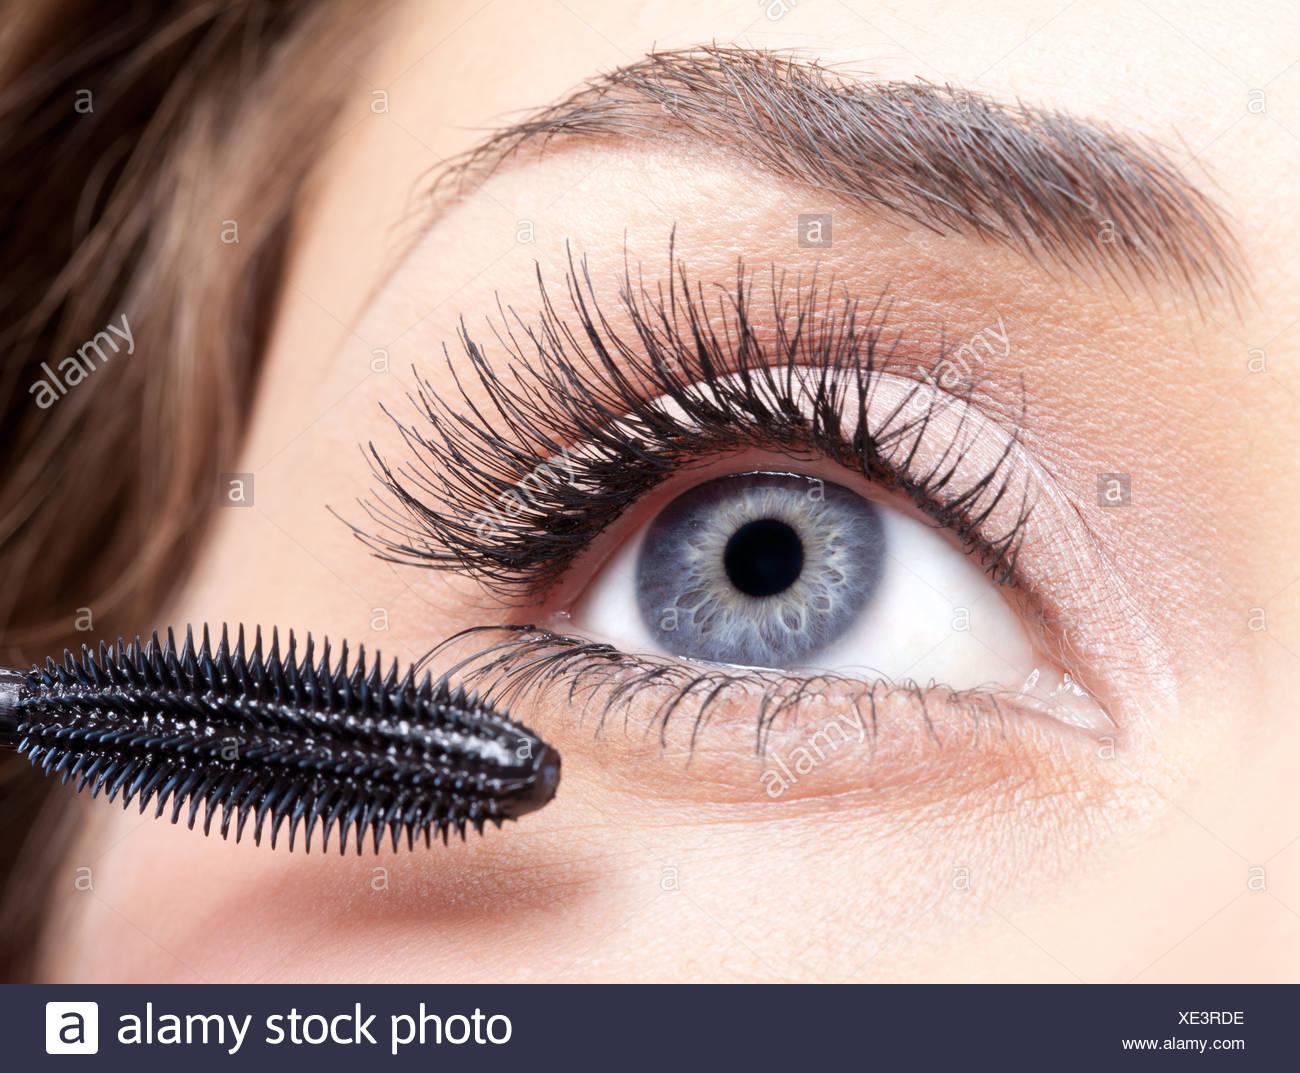 maquillaje de mascara Imagen De Stock